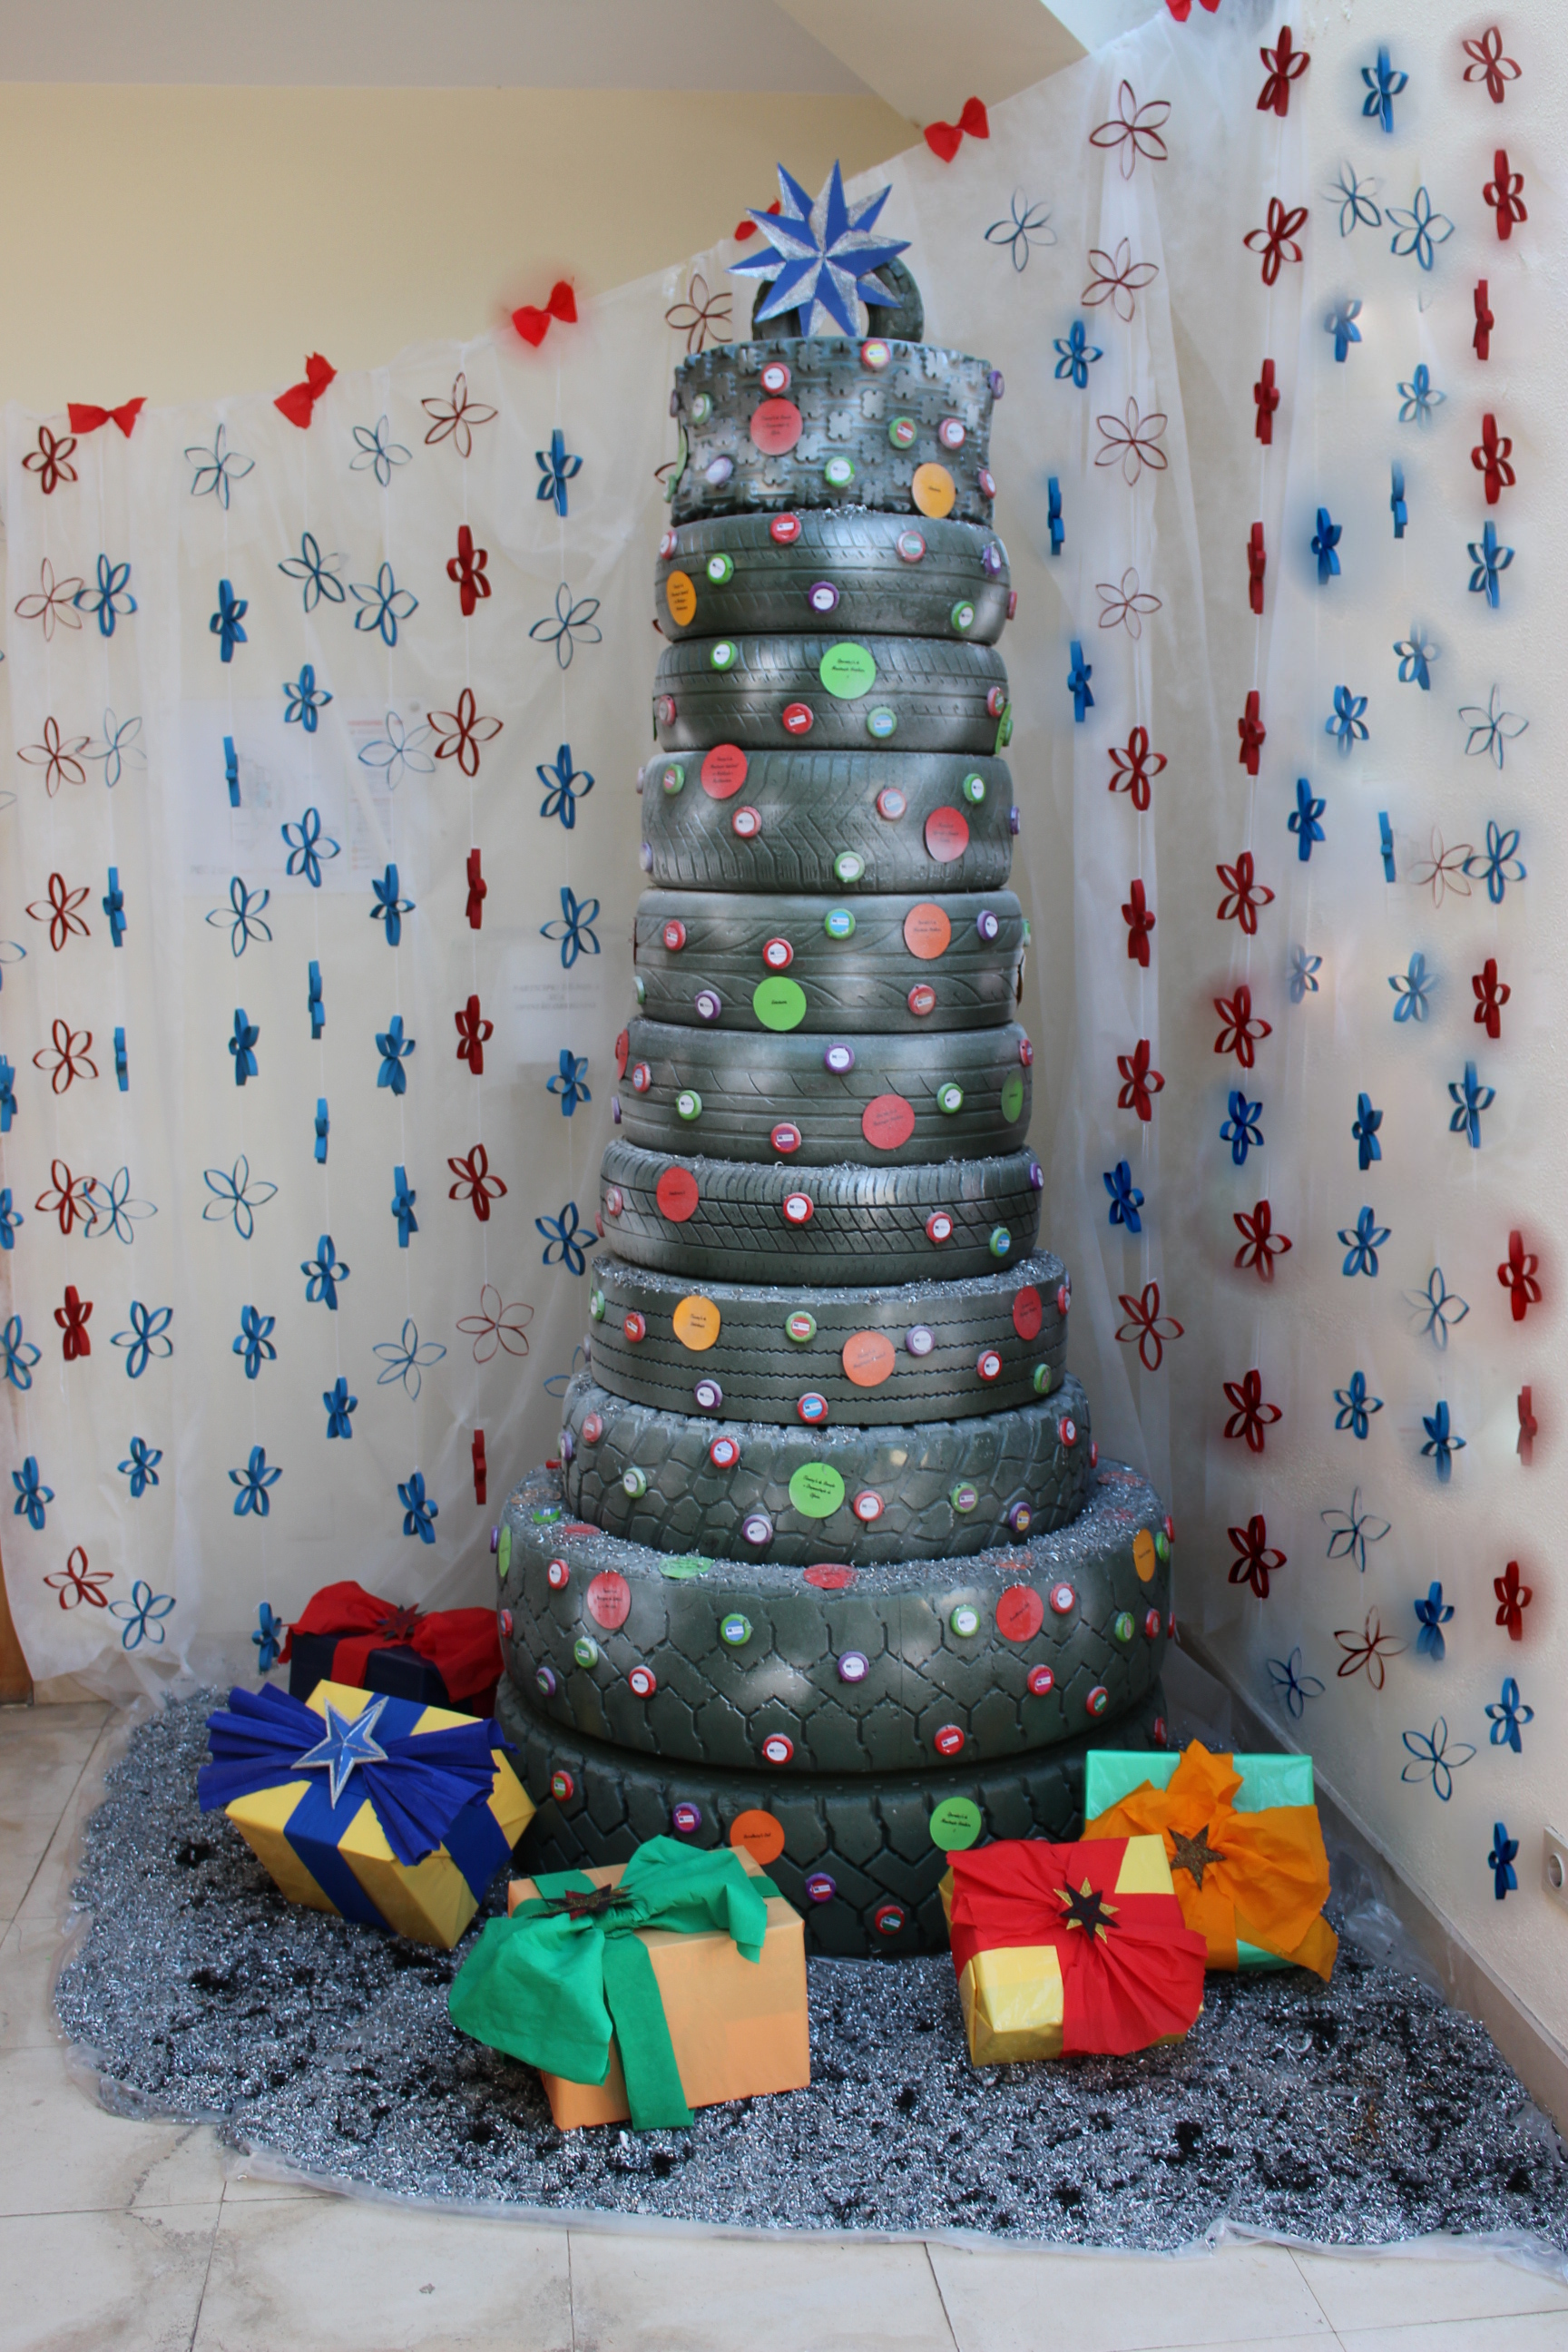 Exposição de presépios e decorações de Natal no IQ, IP-RAM-CFPM